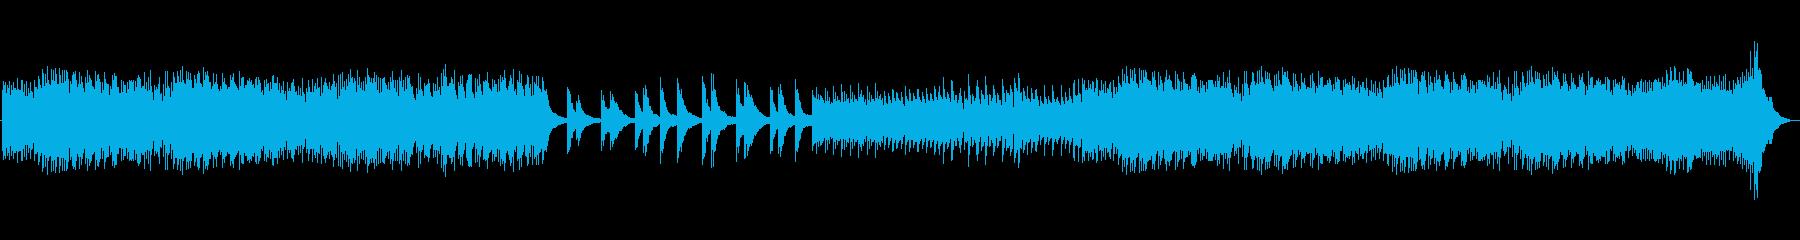 不協和音のコードとメロディーを備え...の再生済みの波形